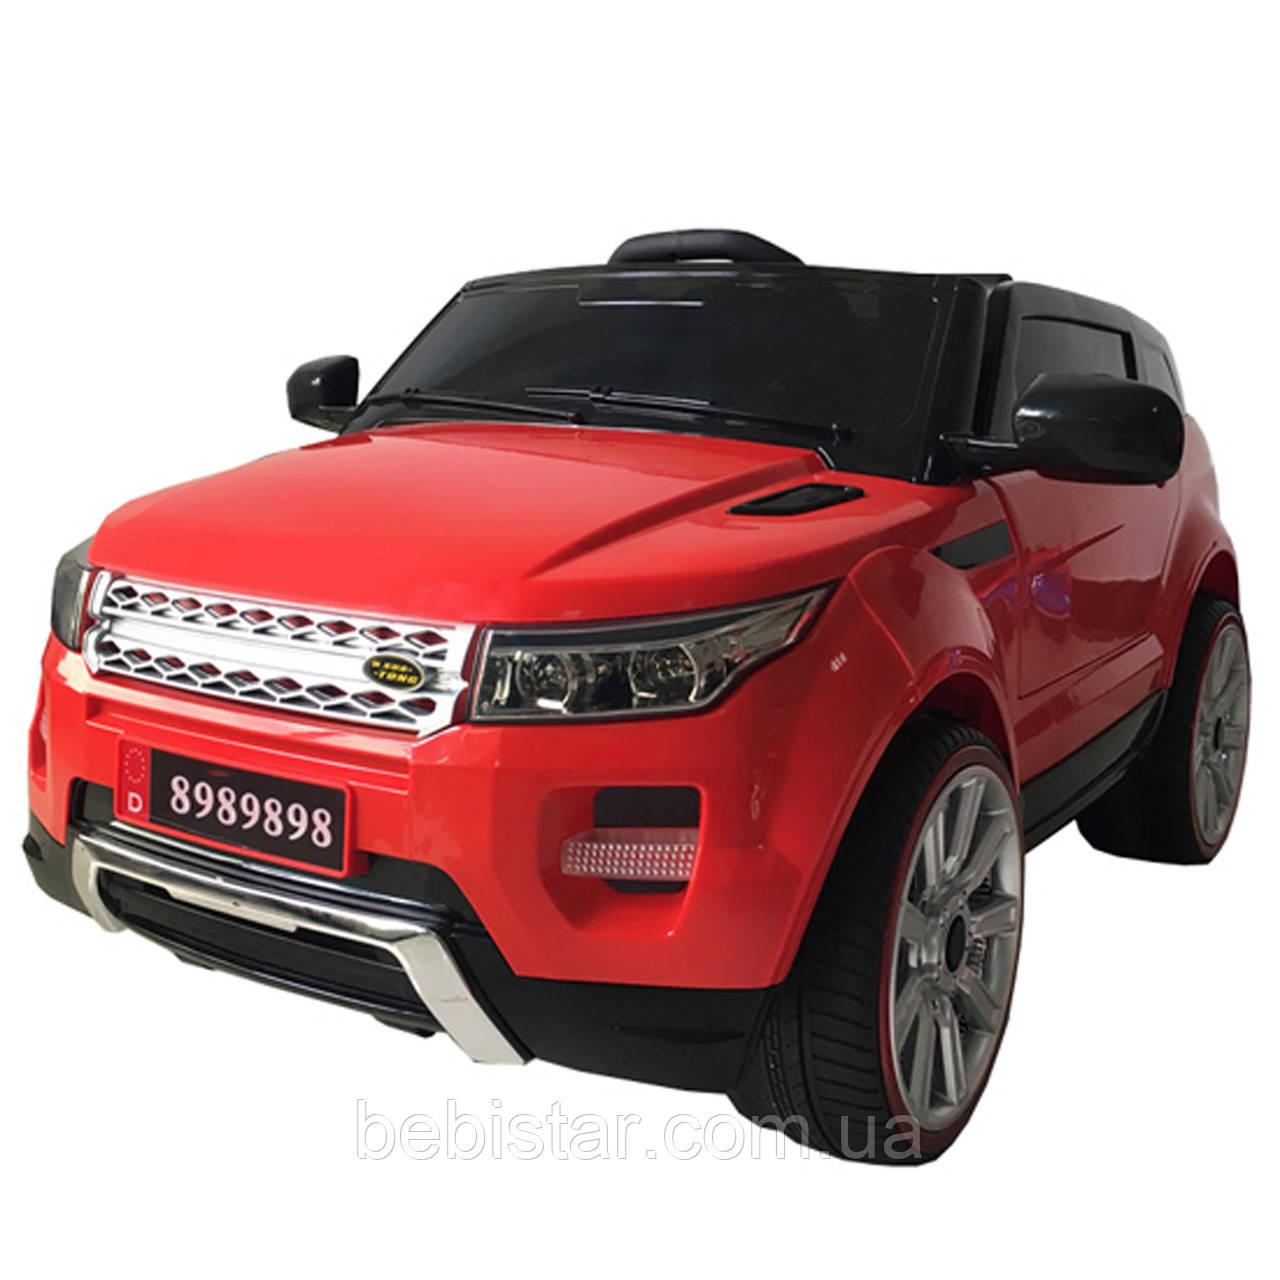 Дитячий електромобіль червоний Джип T-783 RED мотор 2*15W акумулятор 2*6V4.5AH діткам 3-8 років з МР3